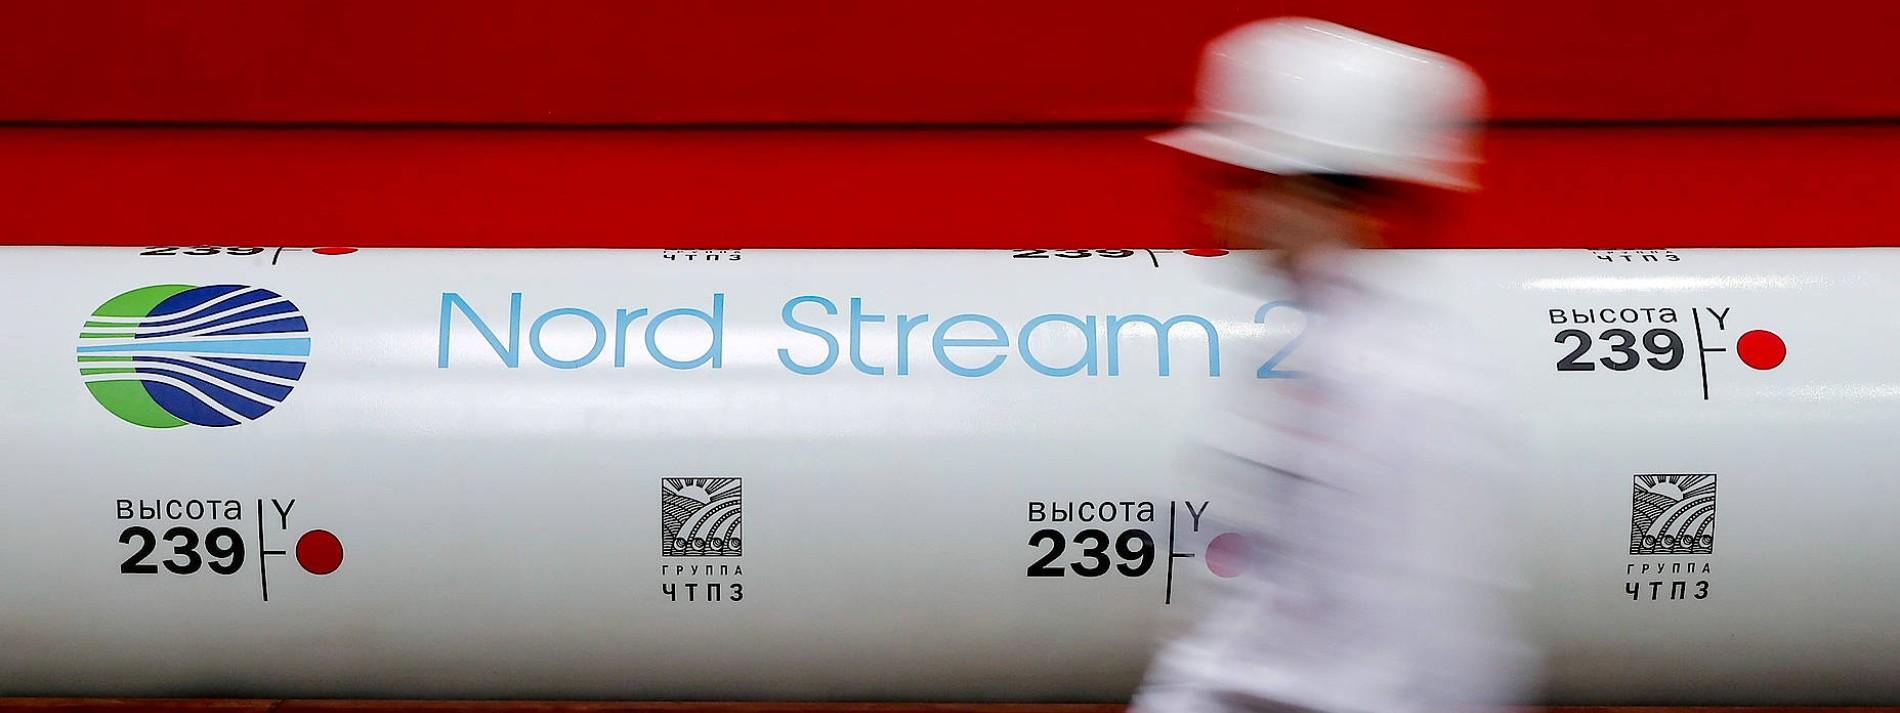 Für Nord Stream 2 gilt die EU-Regulierung